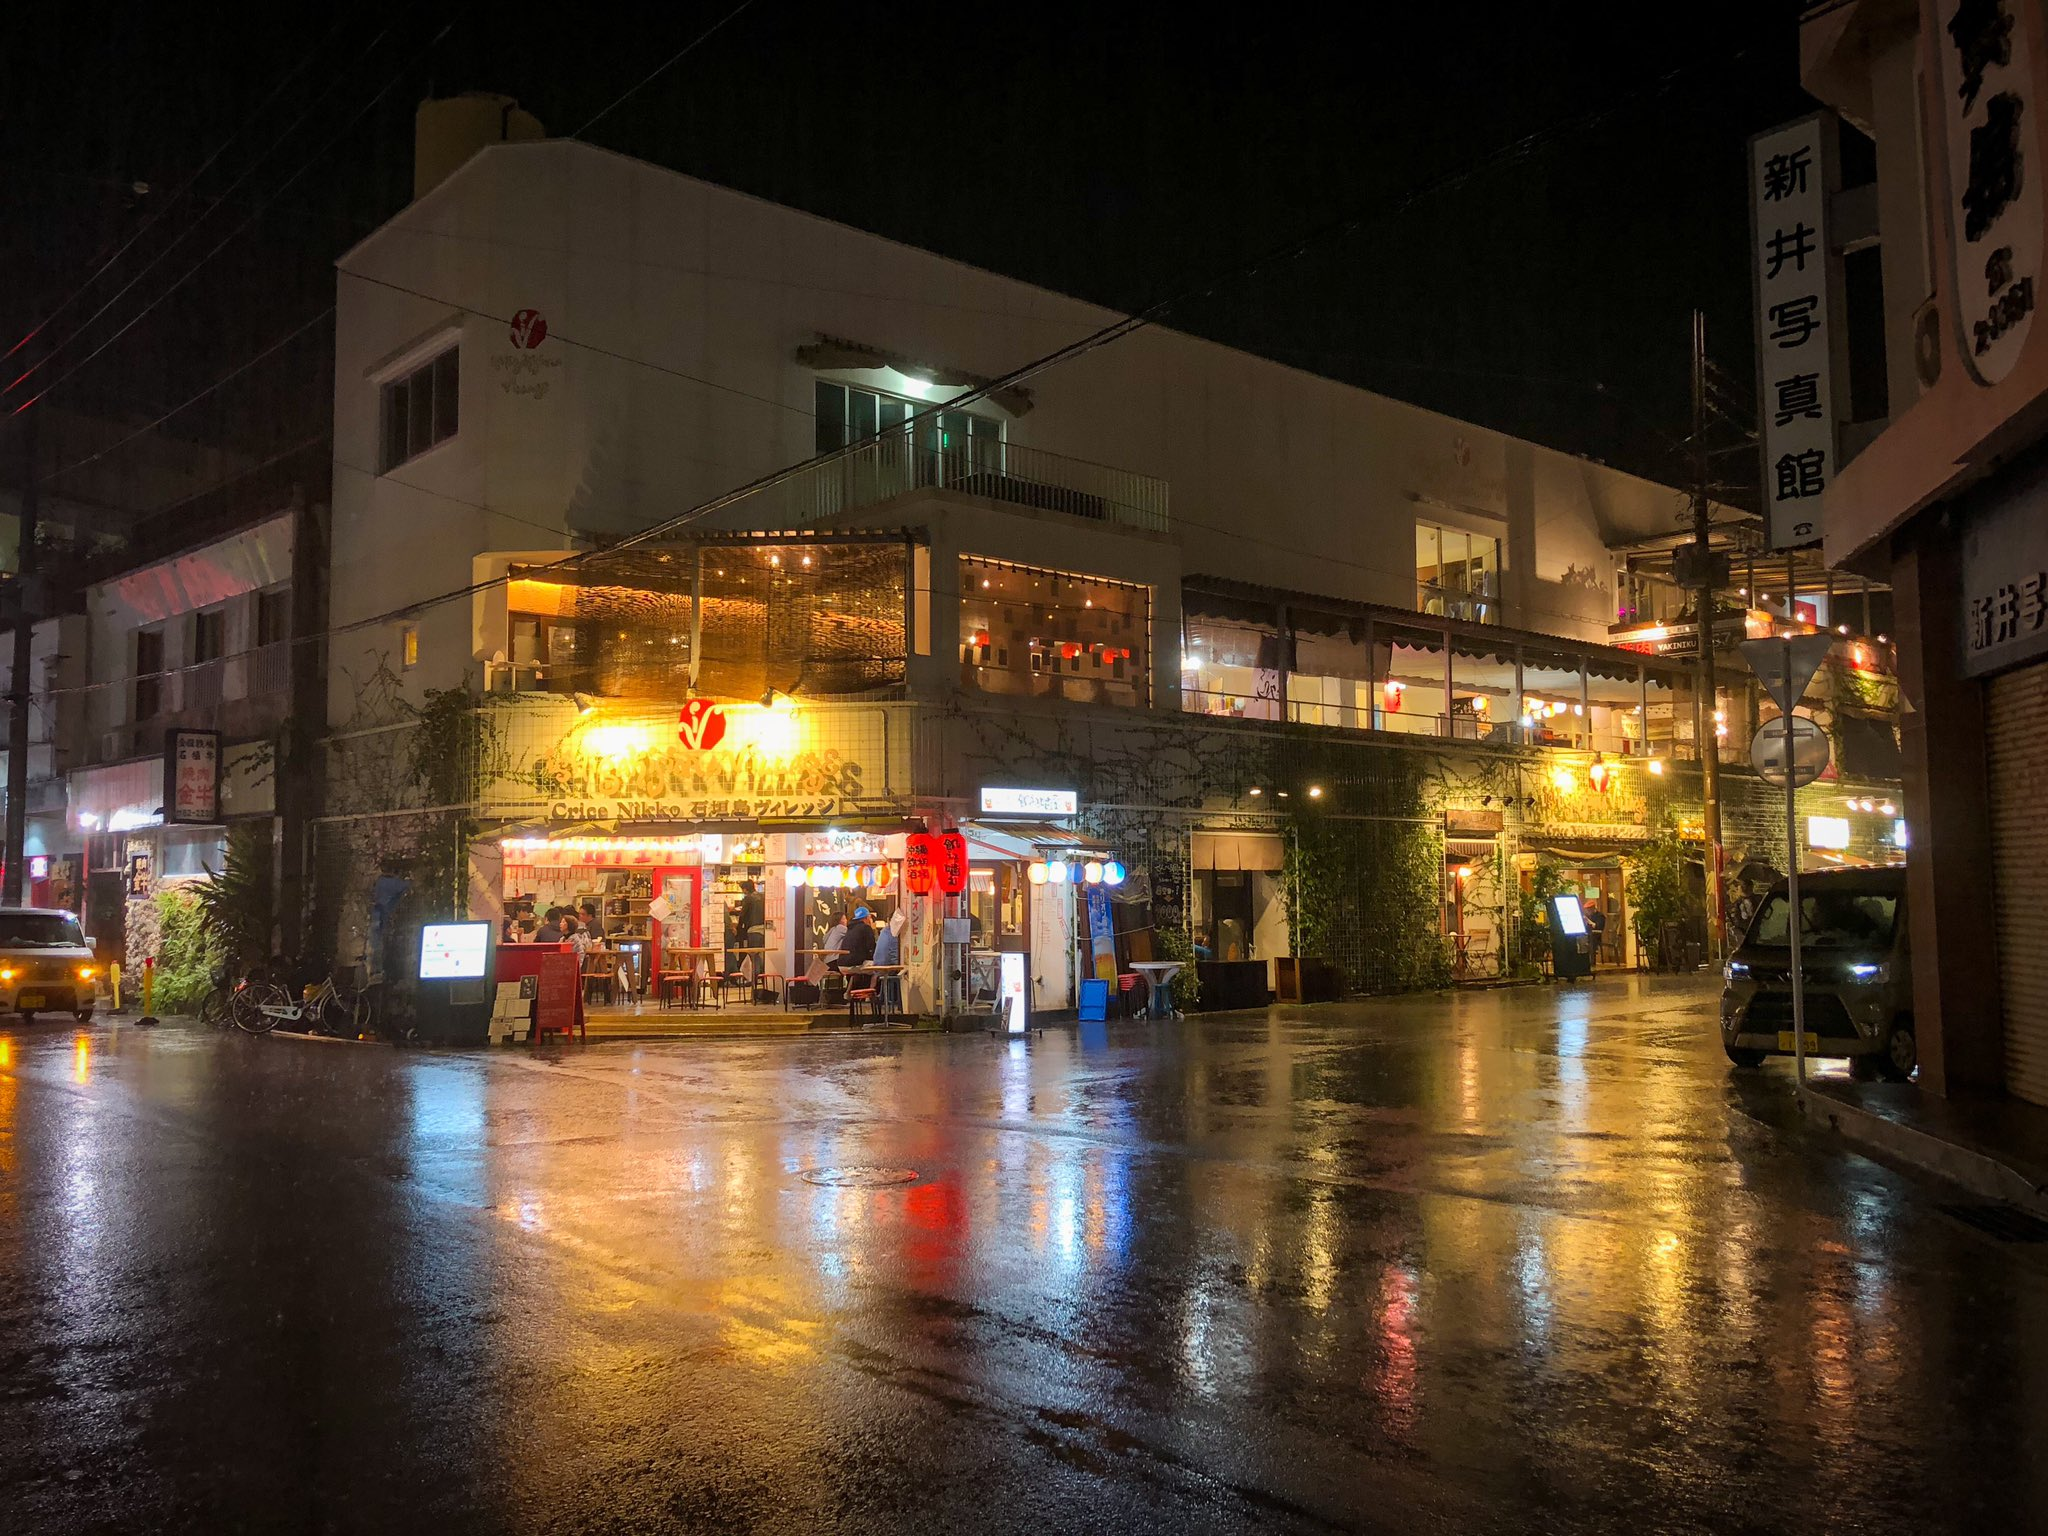 Ishigaki-shopping arcade